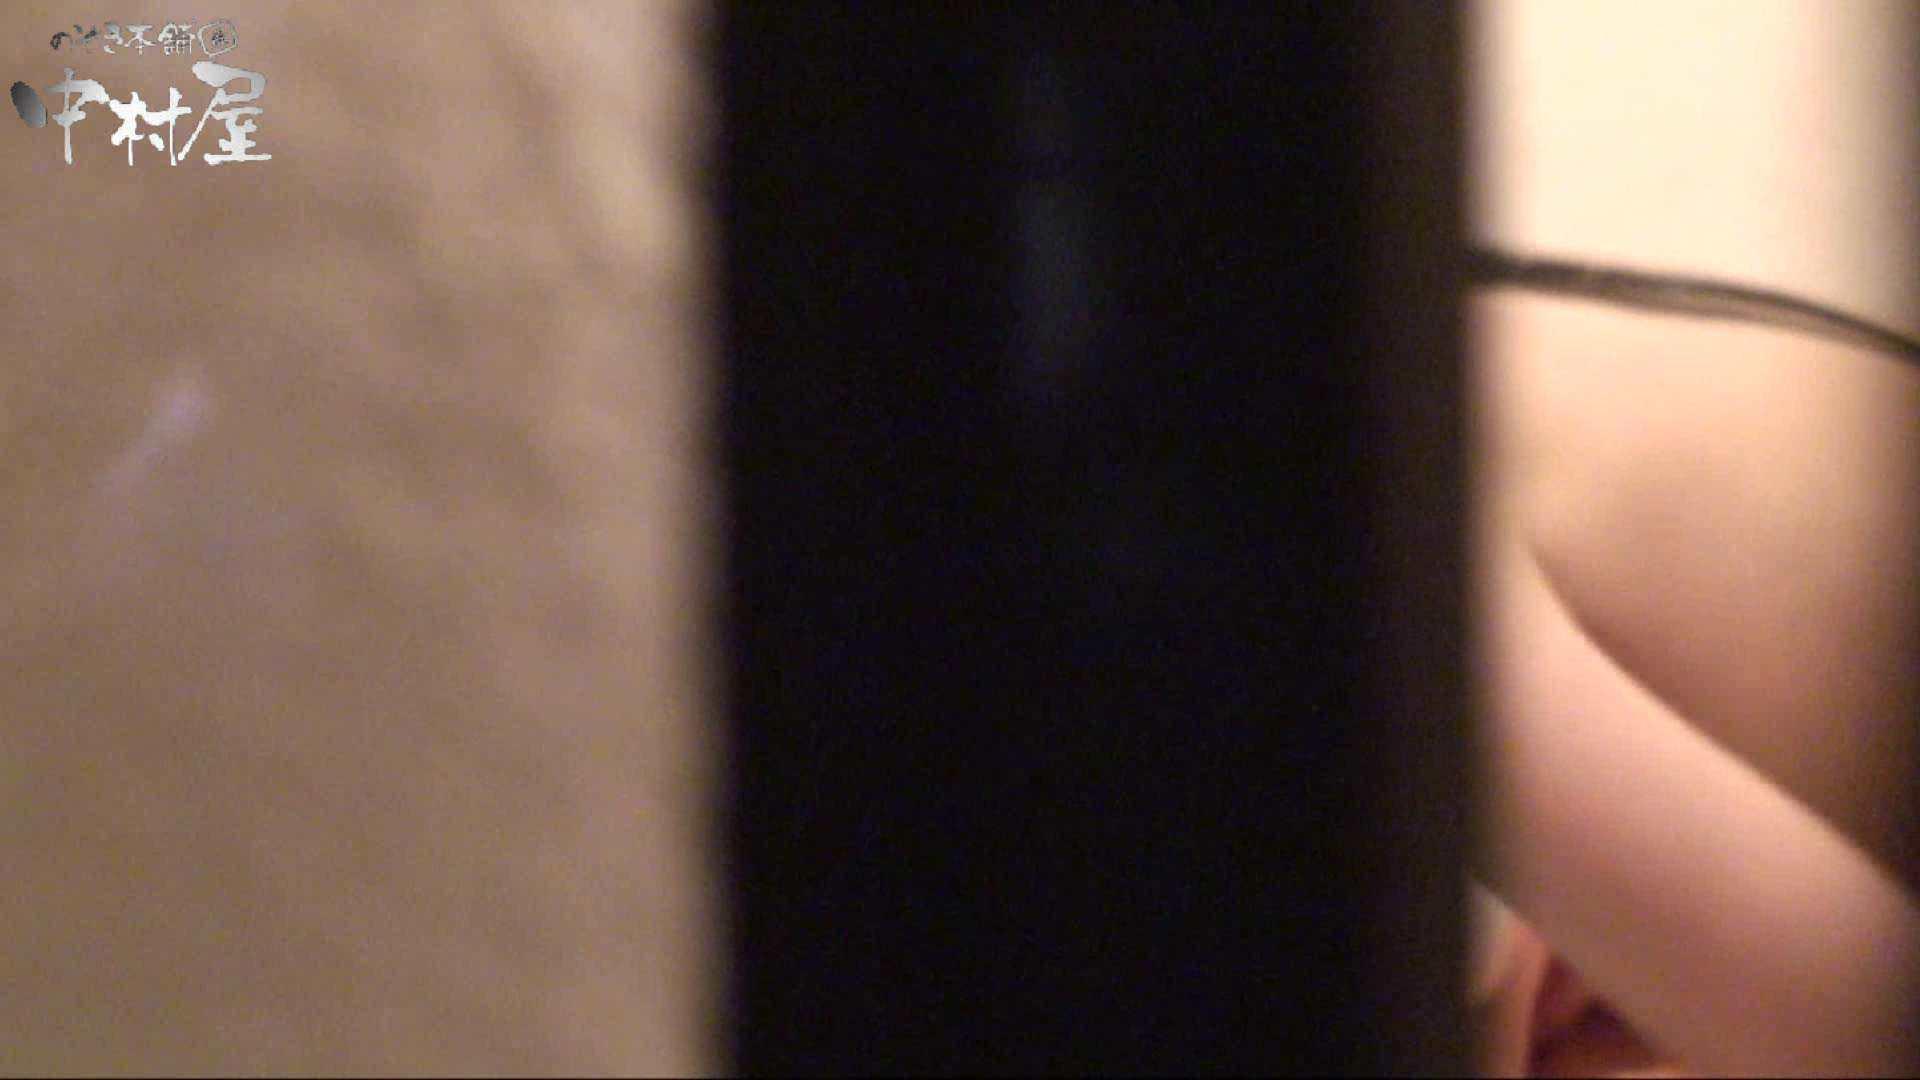 民家盗撮 隙間の向こう側 vol.01 シャワー アダルト動画キャプチャ 105PICs 63